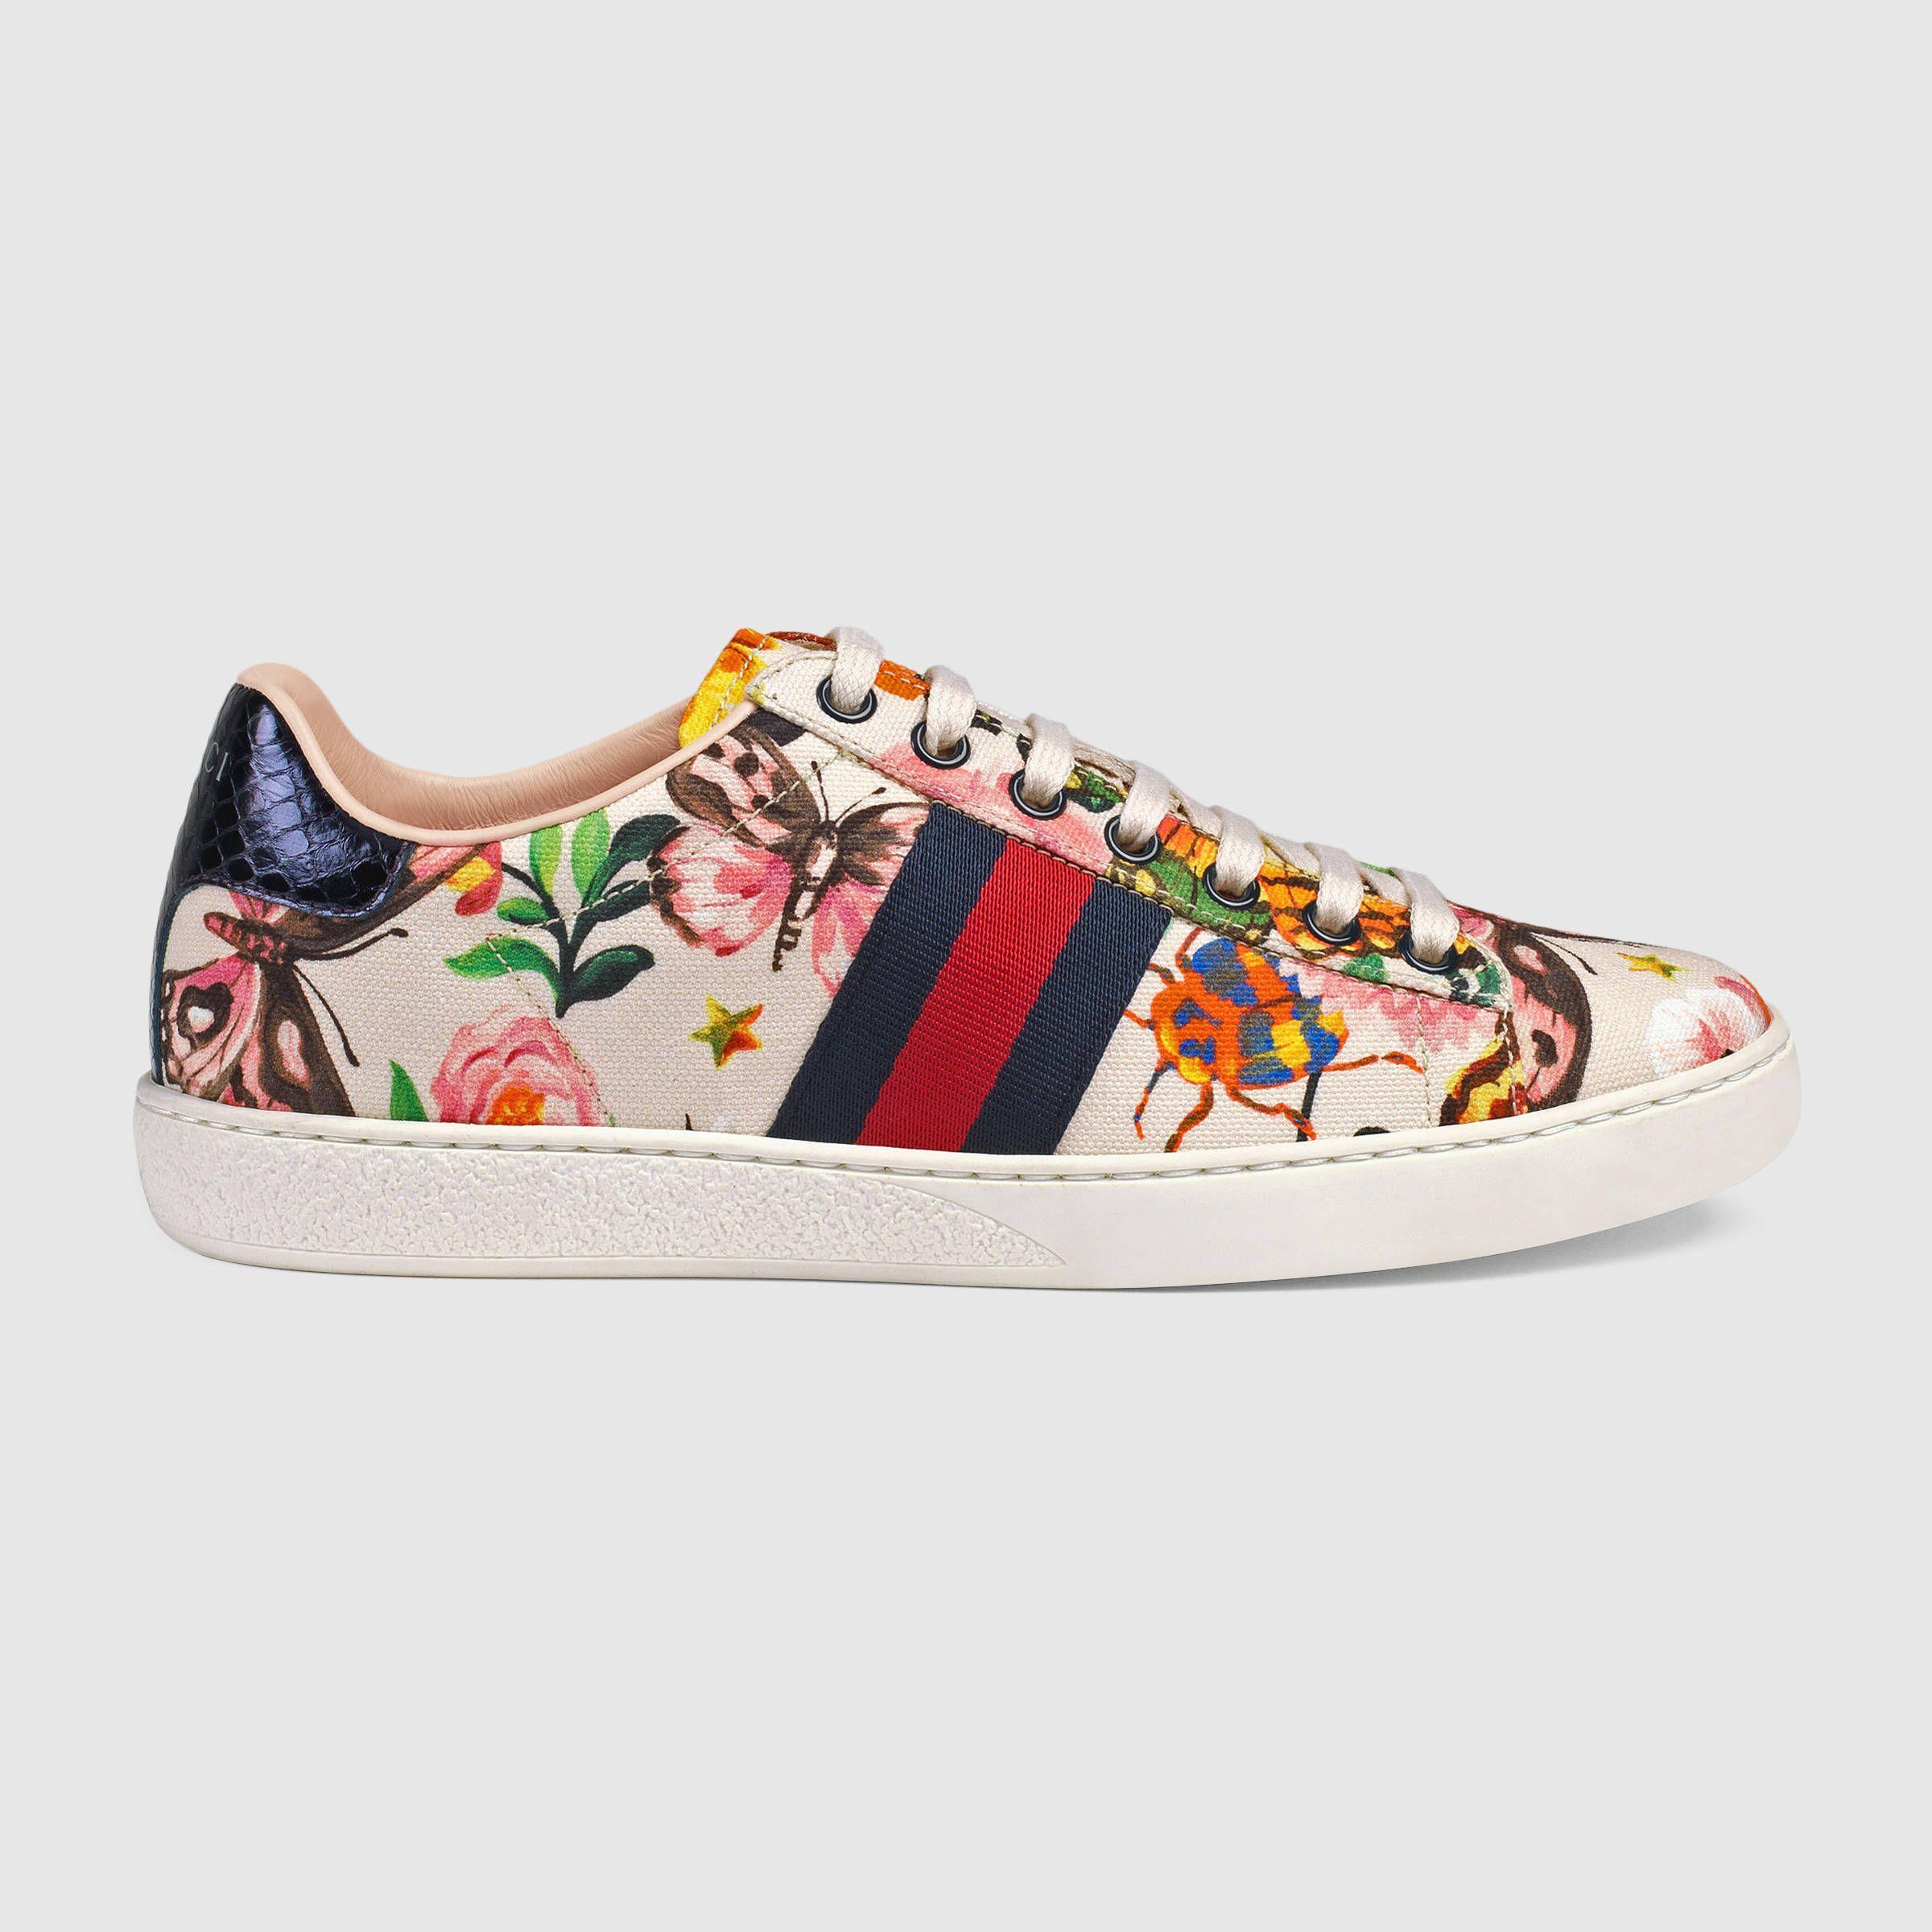 7f92755822e2 Gucci Women - Gucci Garden exclusive Ace sneaker - 438217K3Q109263 ...